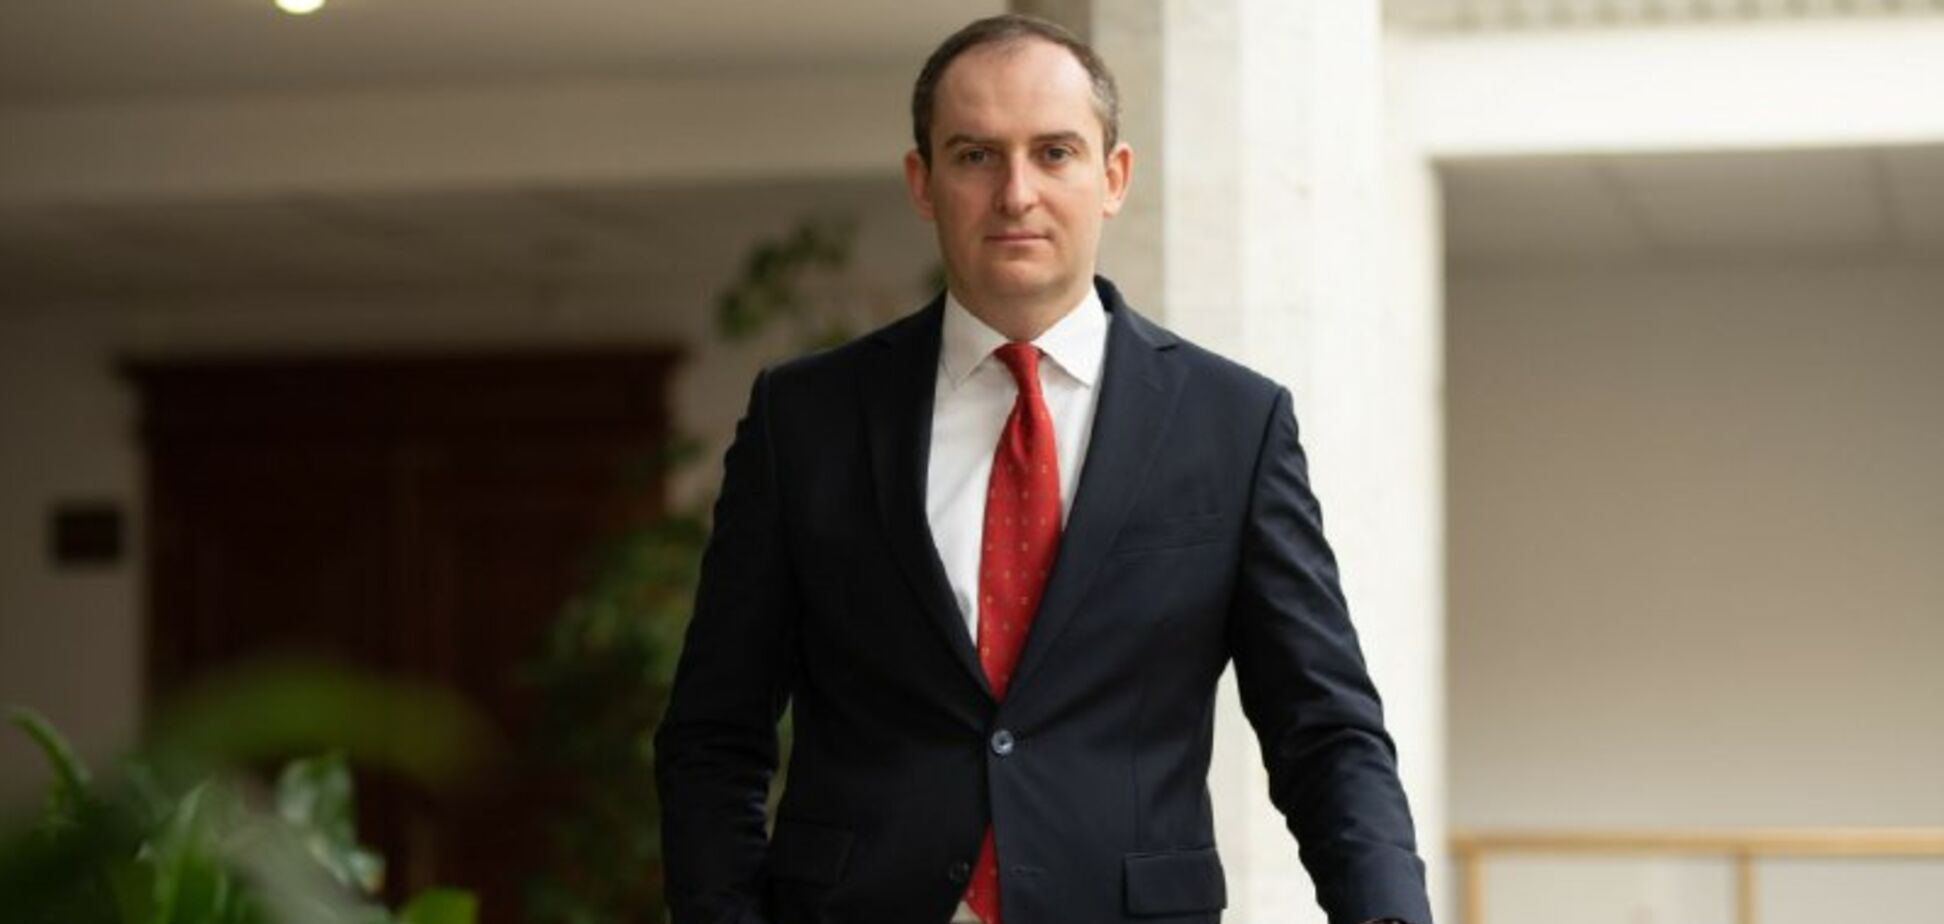 О бюджете, карантине и 'потере 5 млрд на НДС': интервью с главой налоговой Верлановым